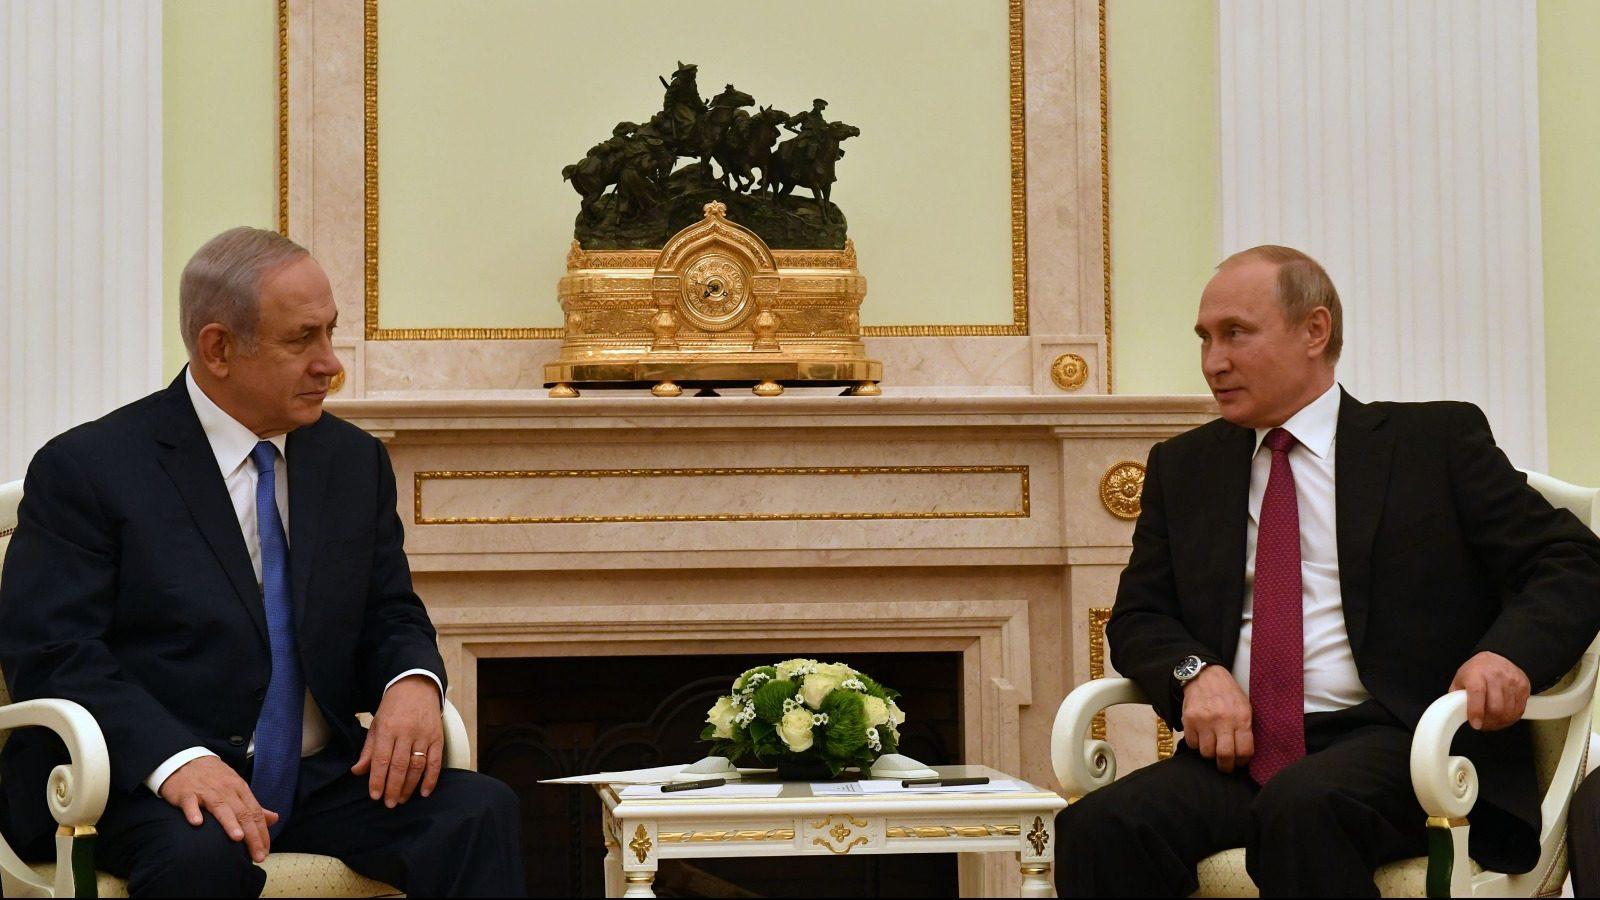 """נתניהו בפתח פגישתו עם פוטין: """"הקשר הישיר בינינו תרם רבות לביטחון וליציבות באזור"""""""